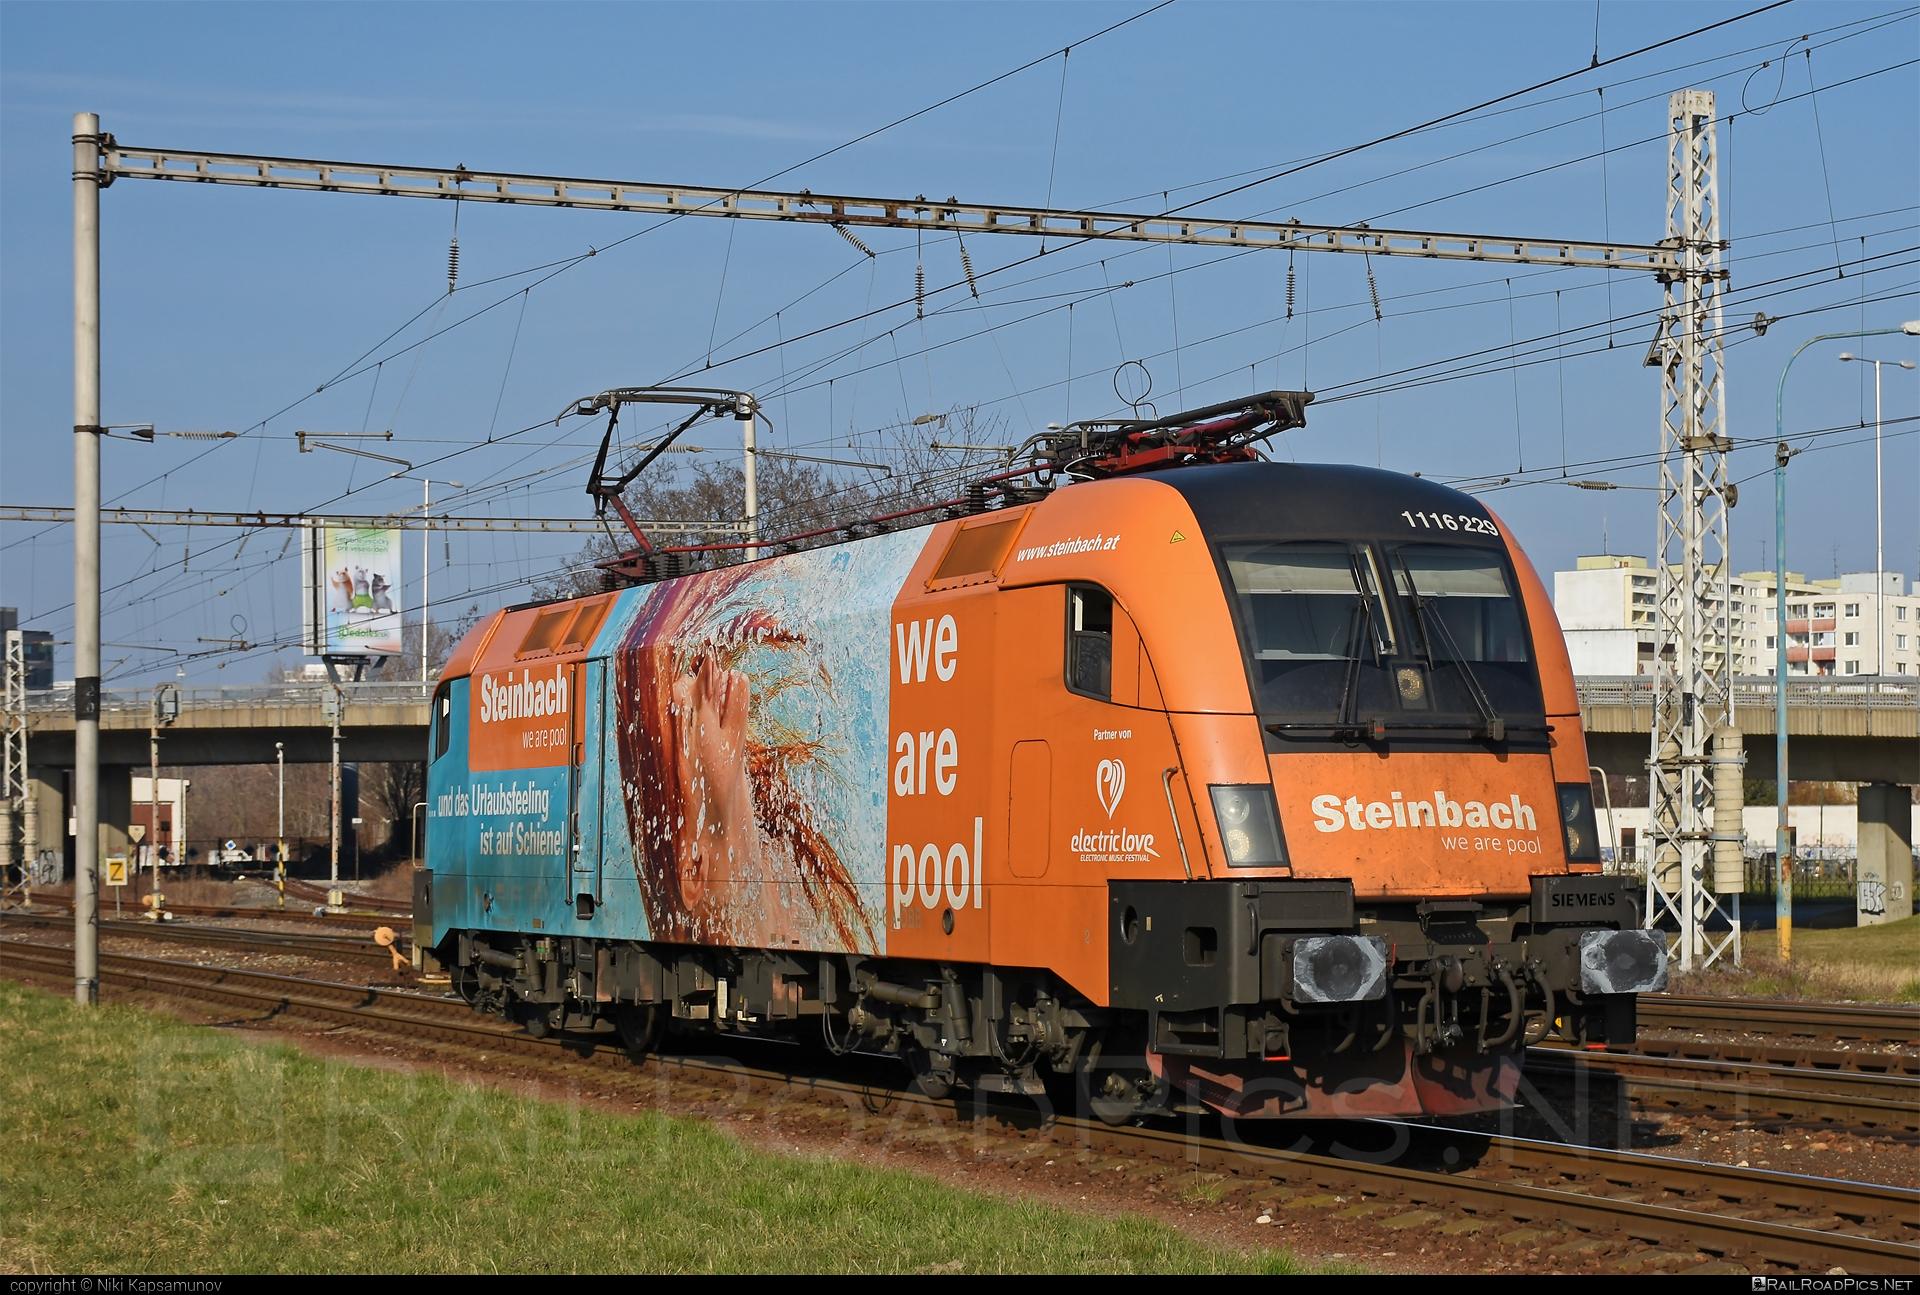 Siemens ES 64 U2 - 1116 229 operated by Rail Cargo Austria AG #es64 #es64u #es64u2 #eurosprinter #obb #osterreichischebundesbahnen #rcw #siemens #siemenses64 #siemenses64u #siemenses64u2 #siemenstaurus #steinbach #taurus #tauruslocomotive